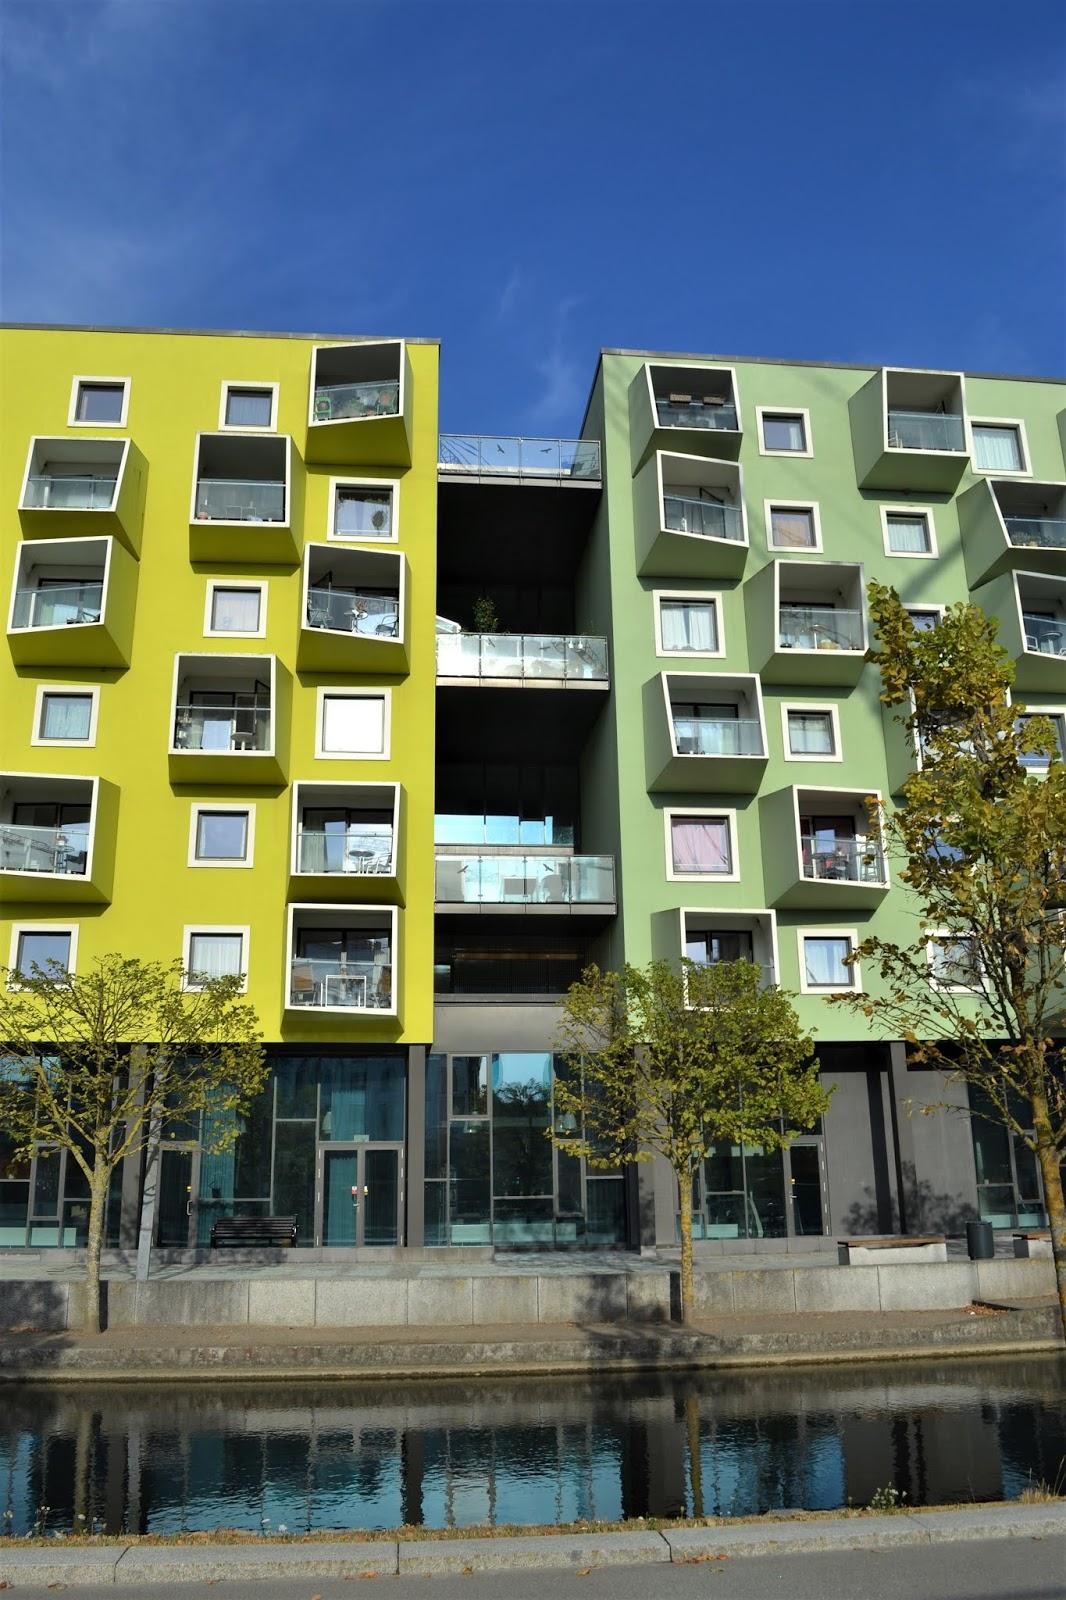 architettura moderna a orestad